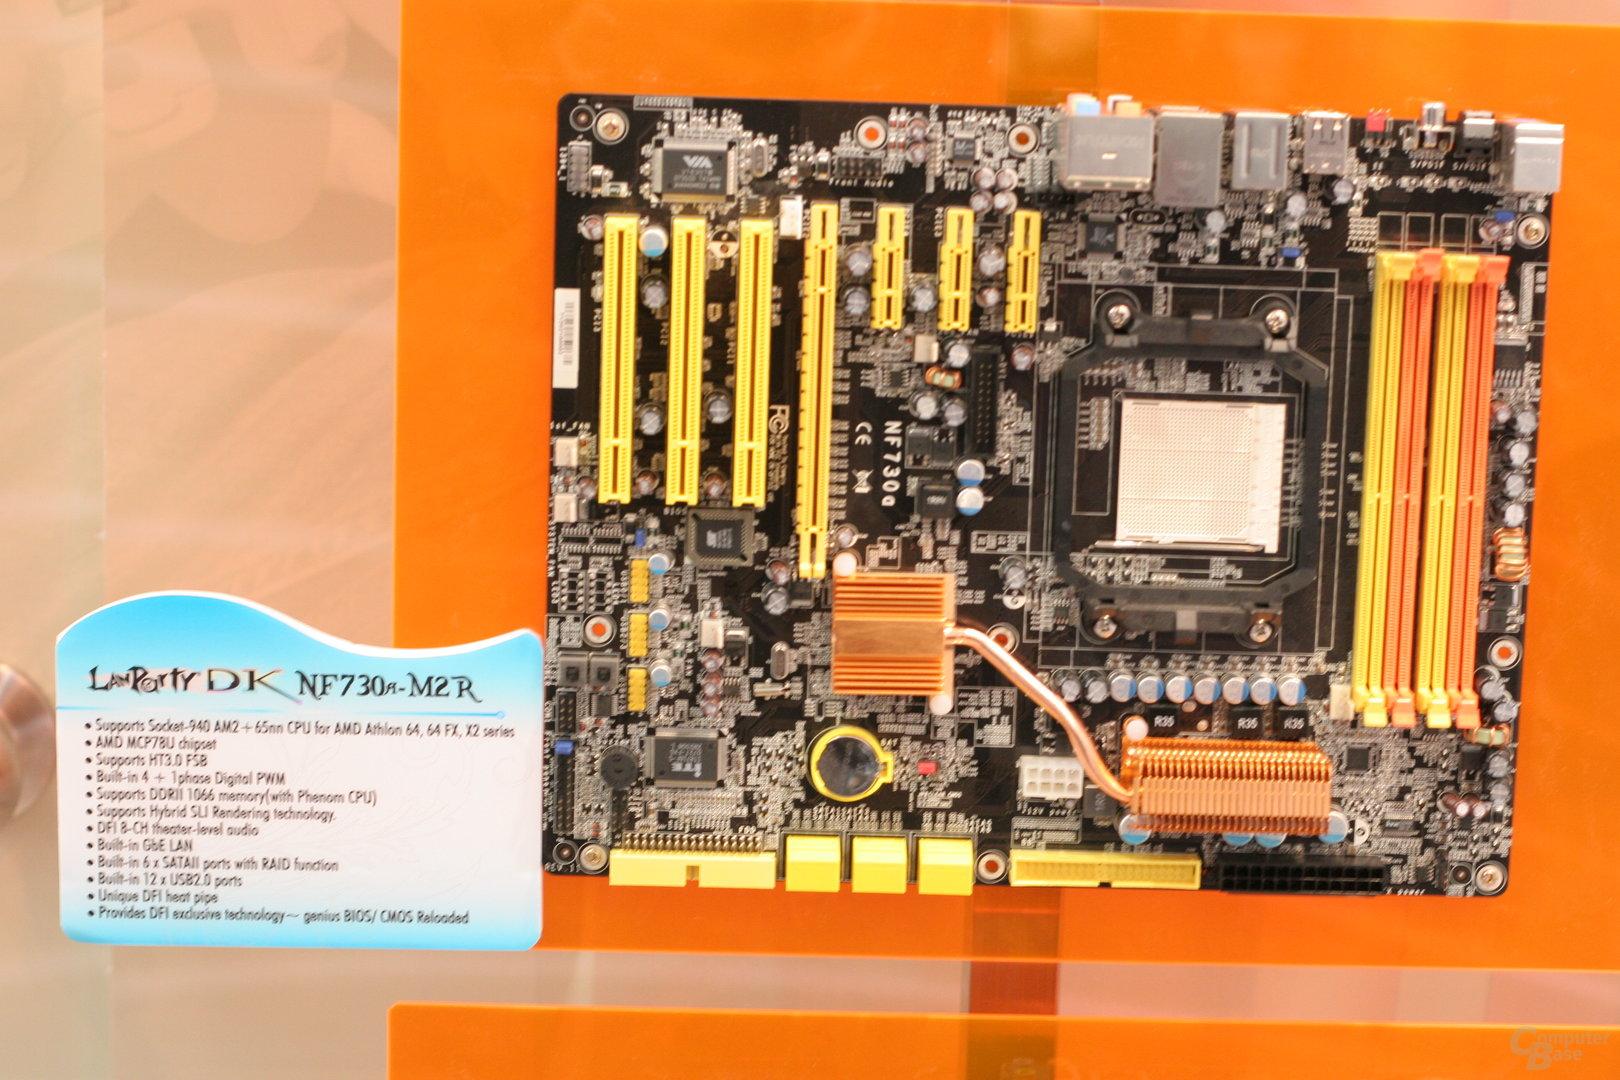 DFI LanParty DK NF730a-M2R